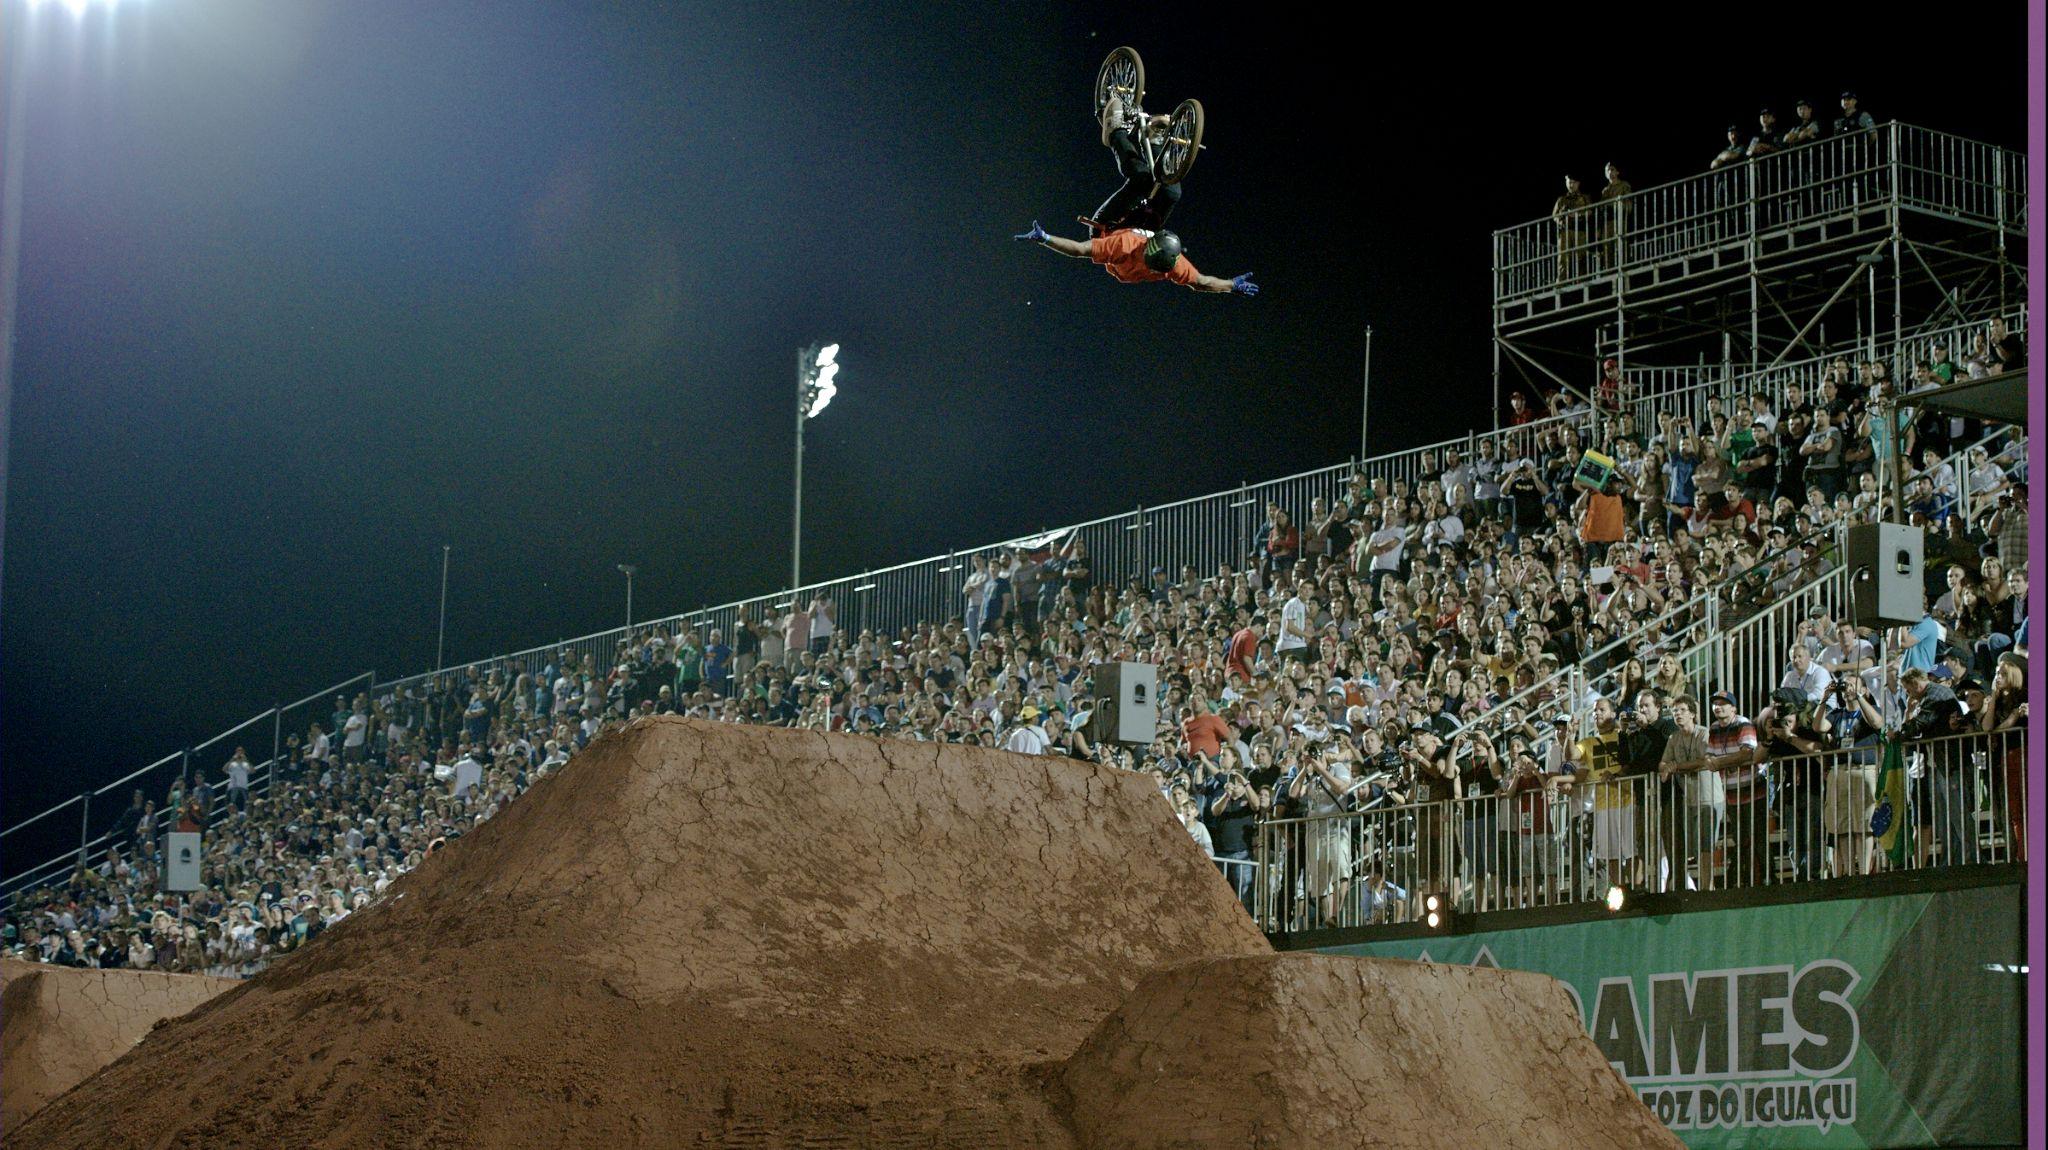 Kyle Baldock